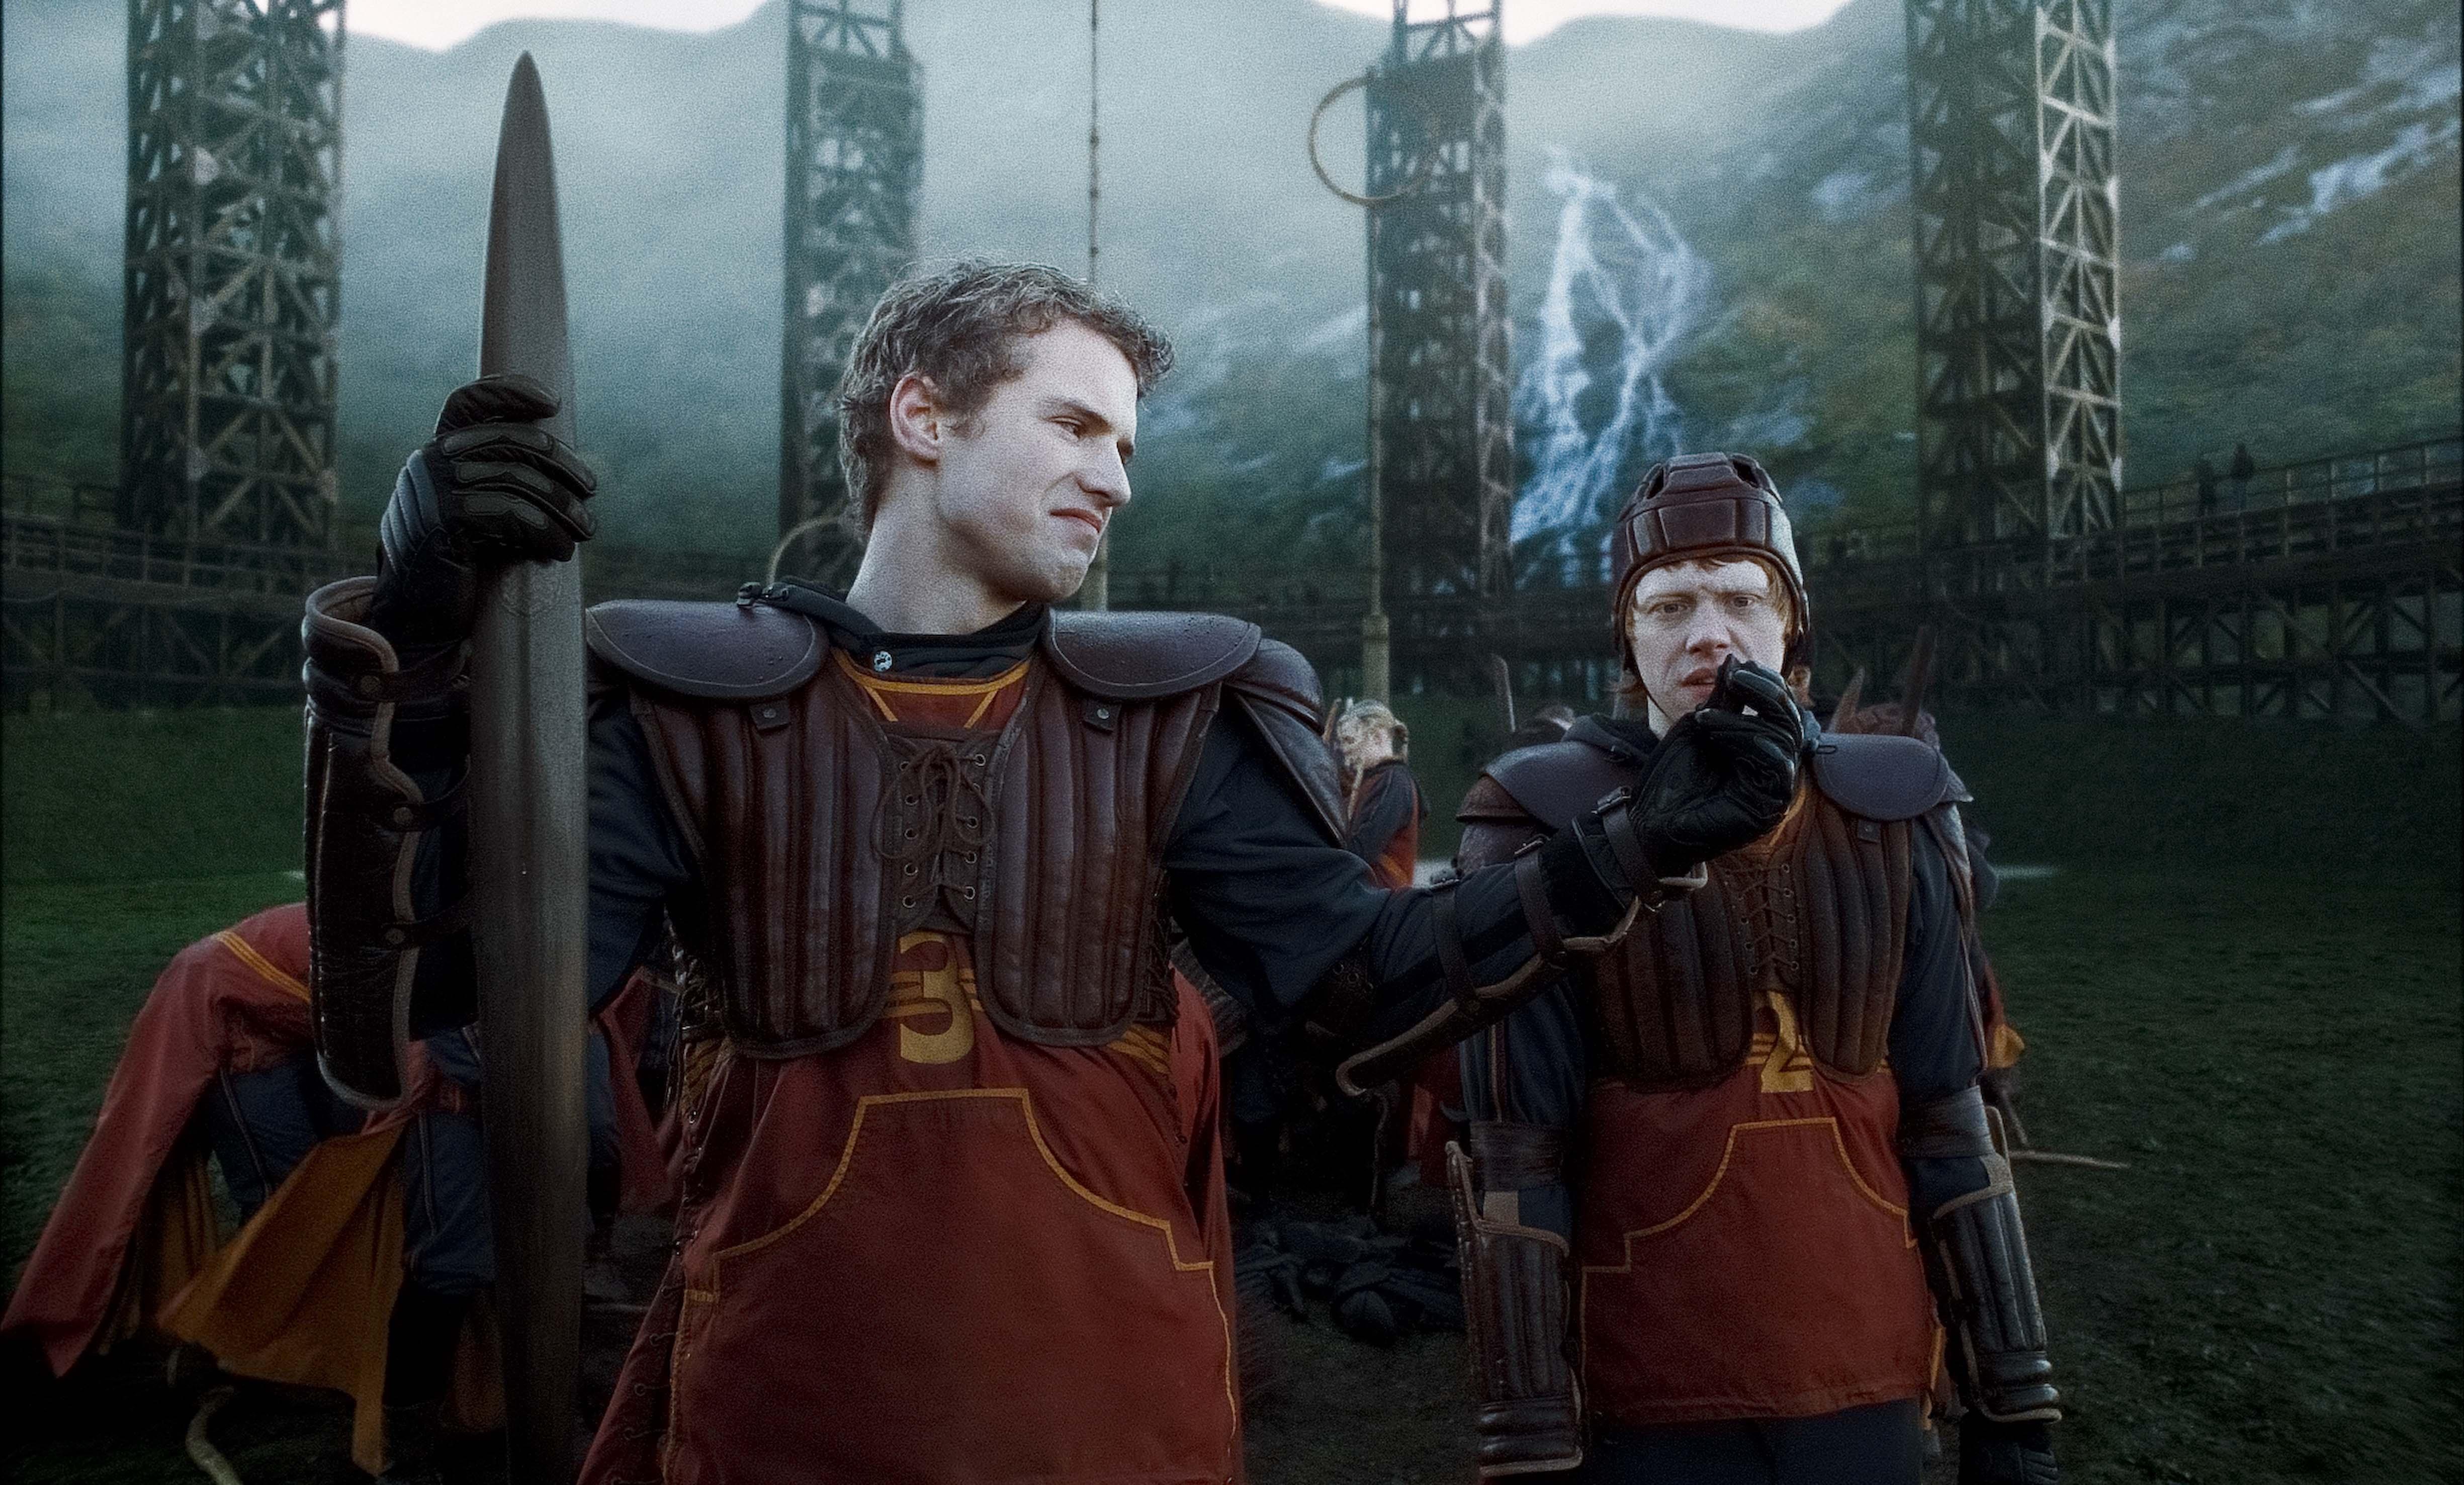 Quidditch – Coupe du Monde et d'Europe 2016 annoncées